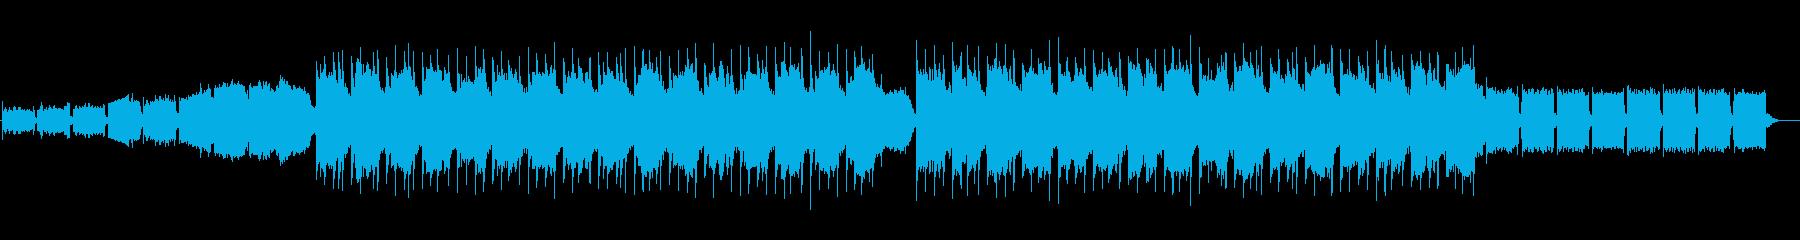 ファイティングテーマの再生済みの波形